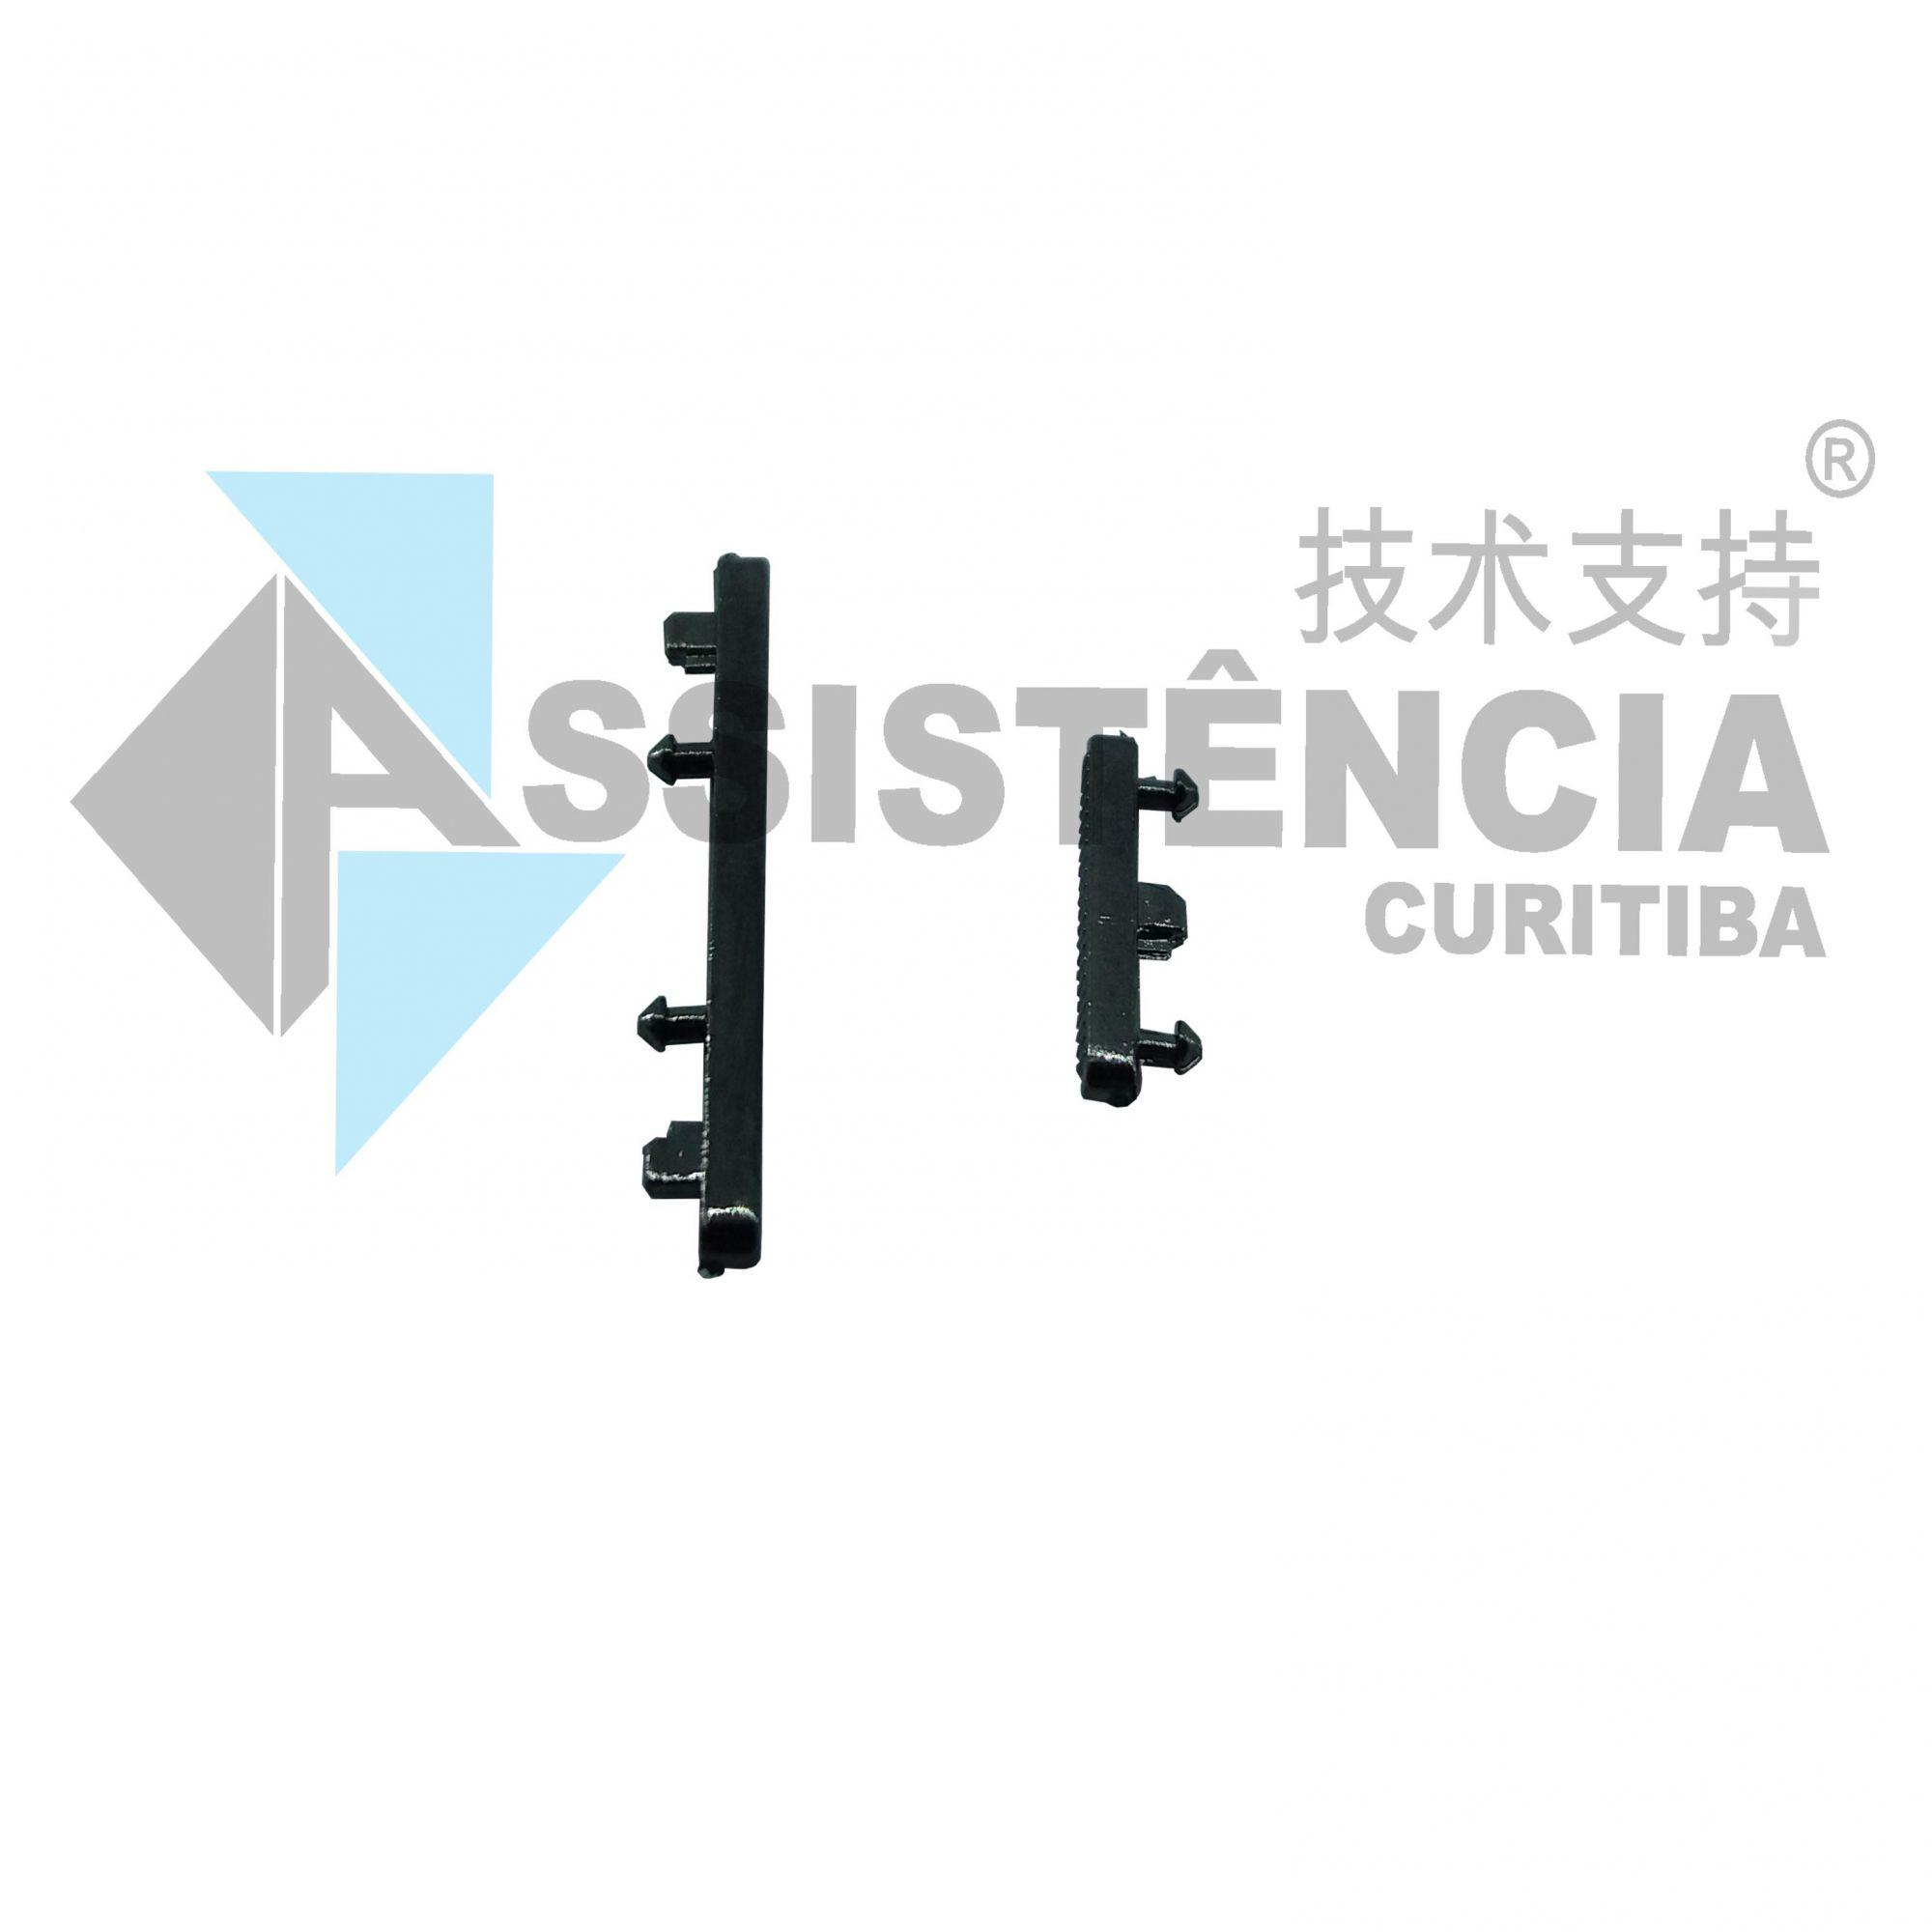 Botão Power E Volume Externo Motorola Moto G4 Play Xt1600 Xt1603 Original